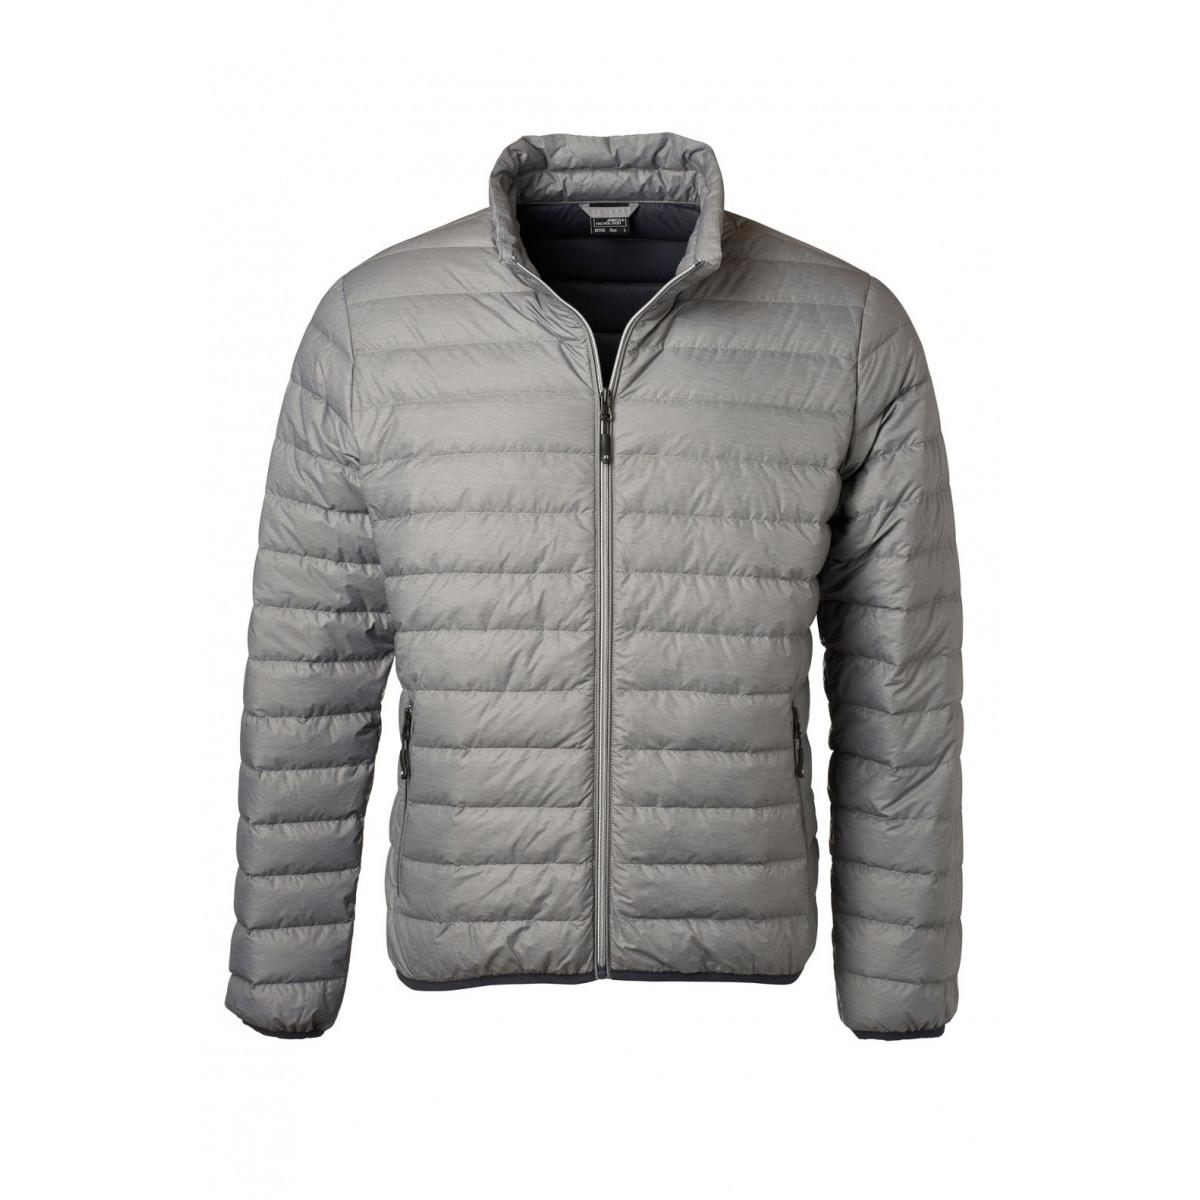 Куртка мужская JN1140 Mens Down Jacket - Светло-серый меланж/Темно-серый